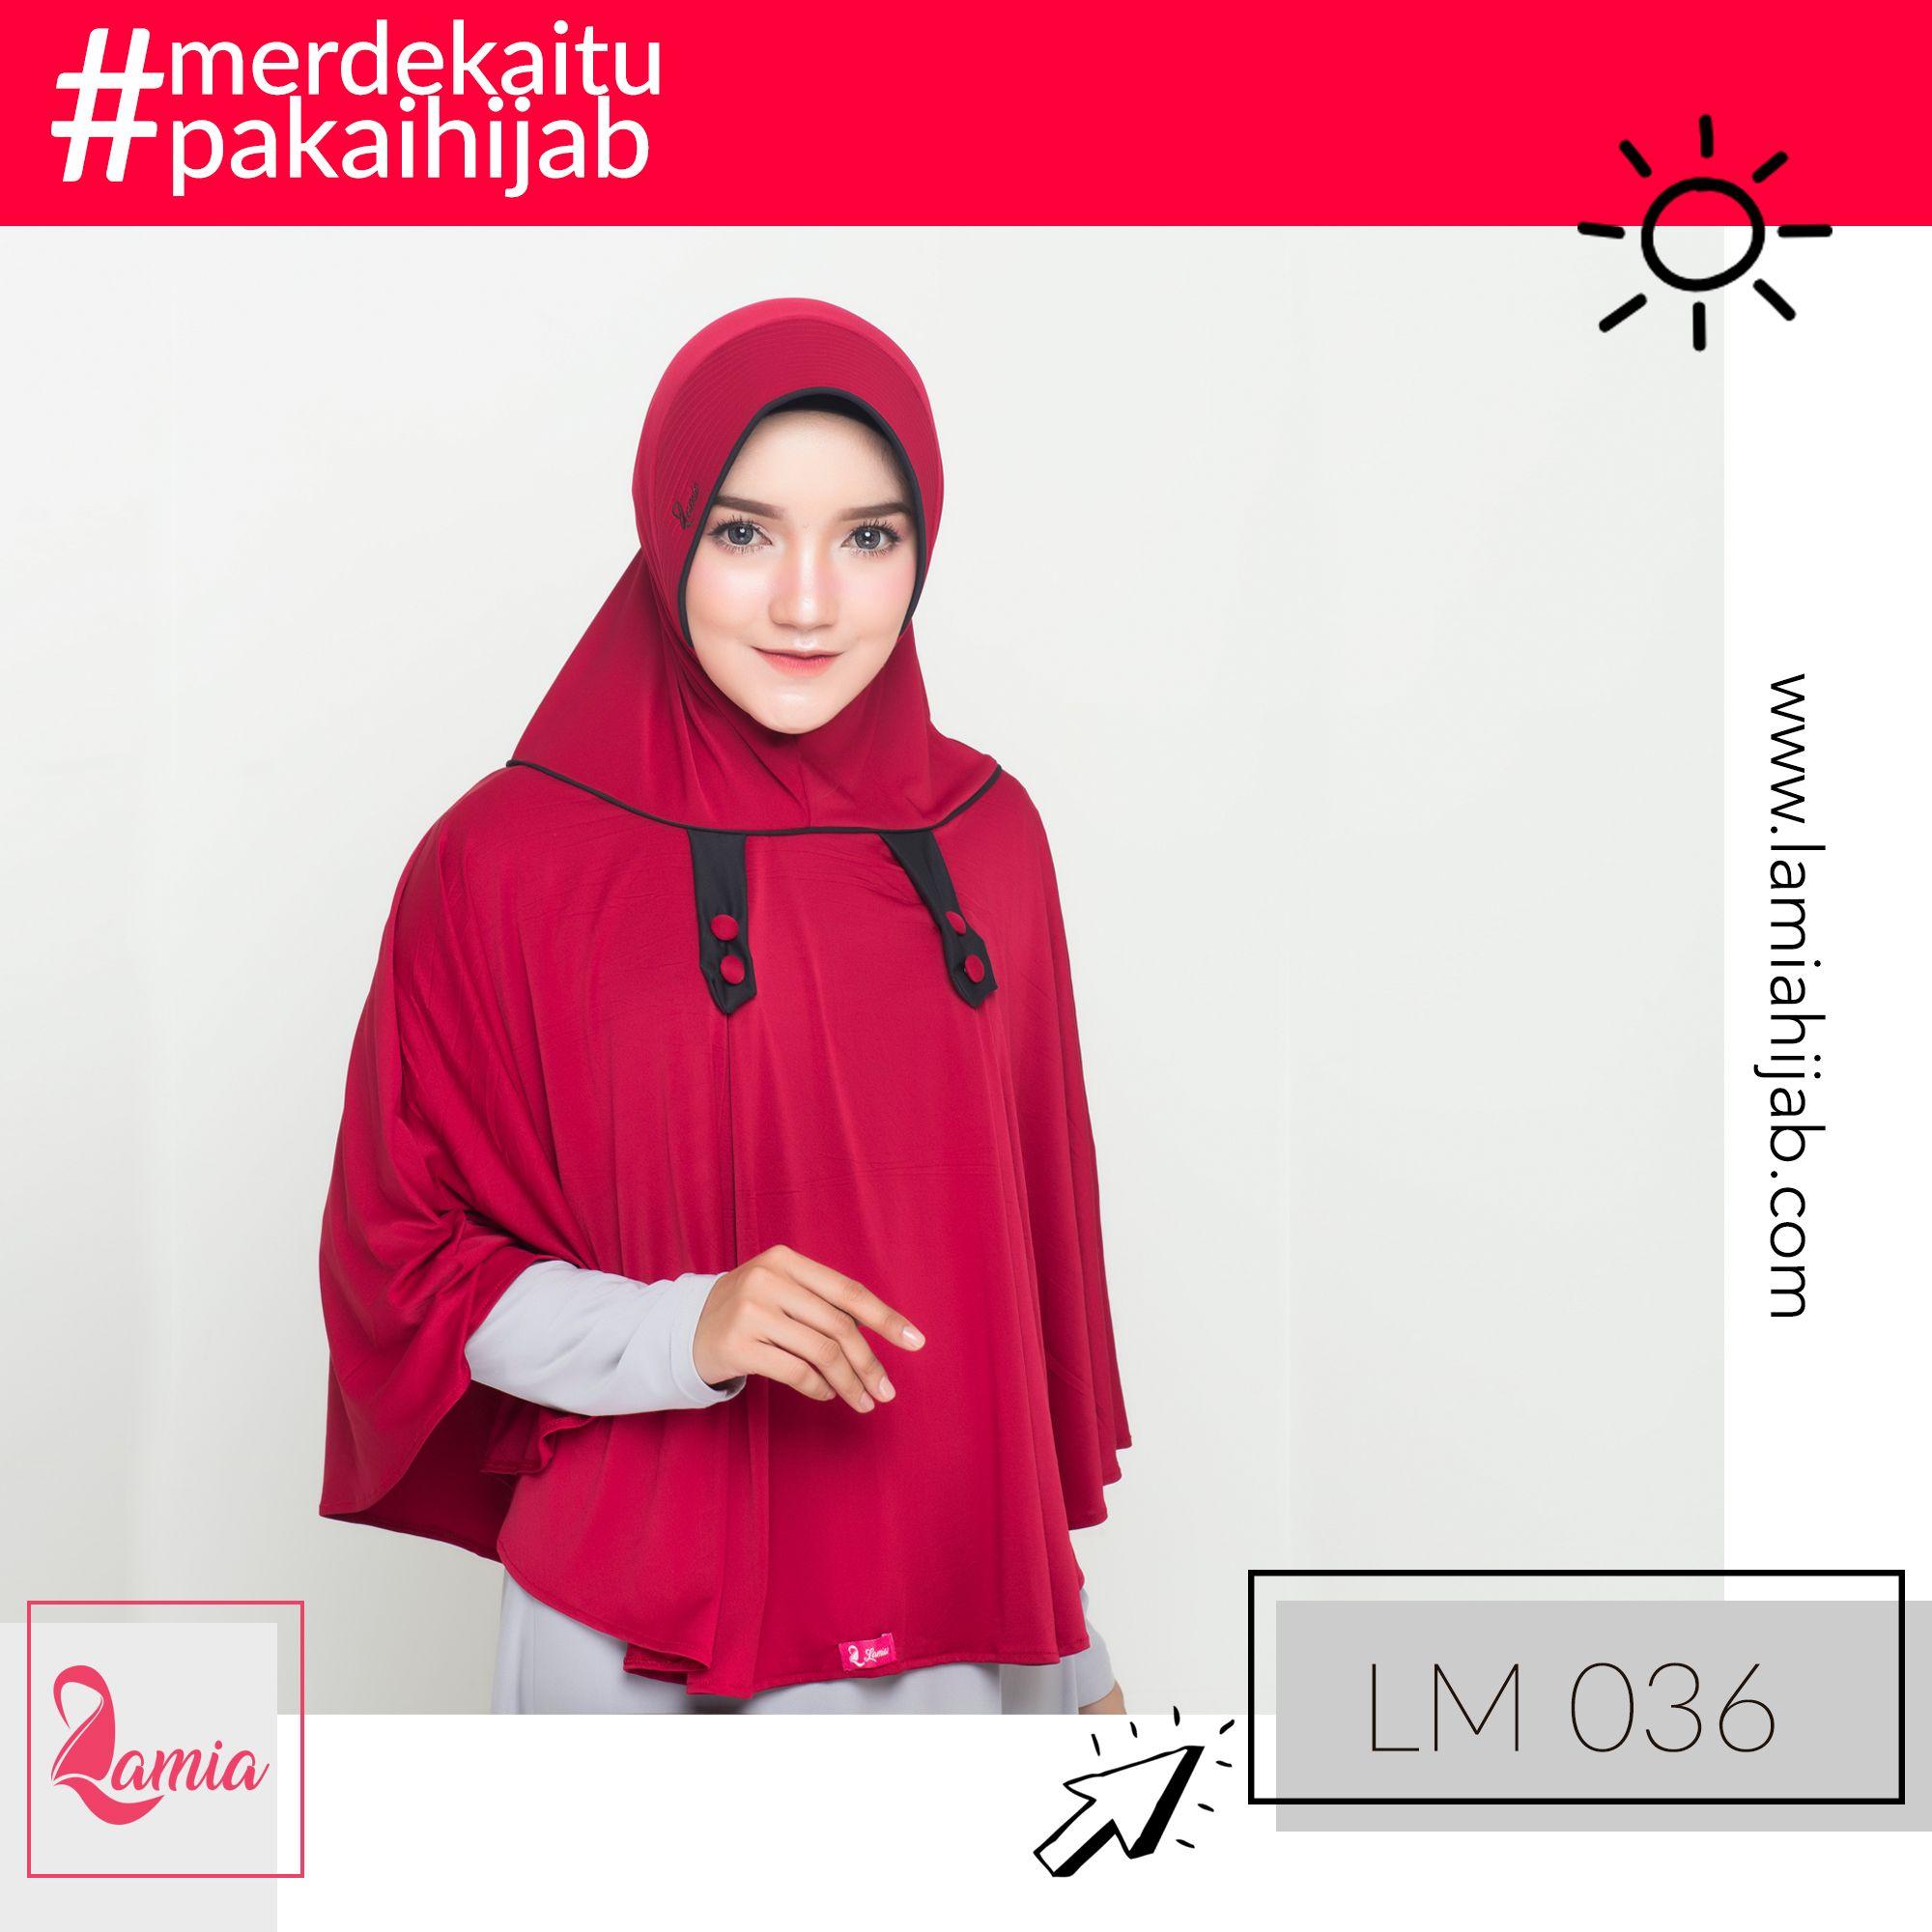 Lamia Hijab & Fashion Hijab Instan Terbaru Cocok dan